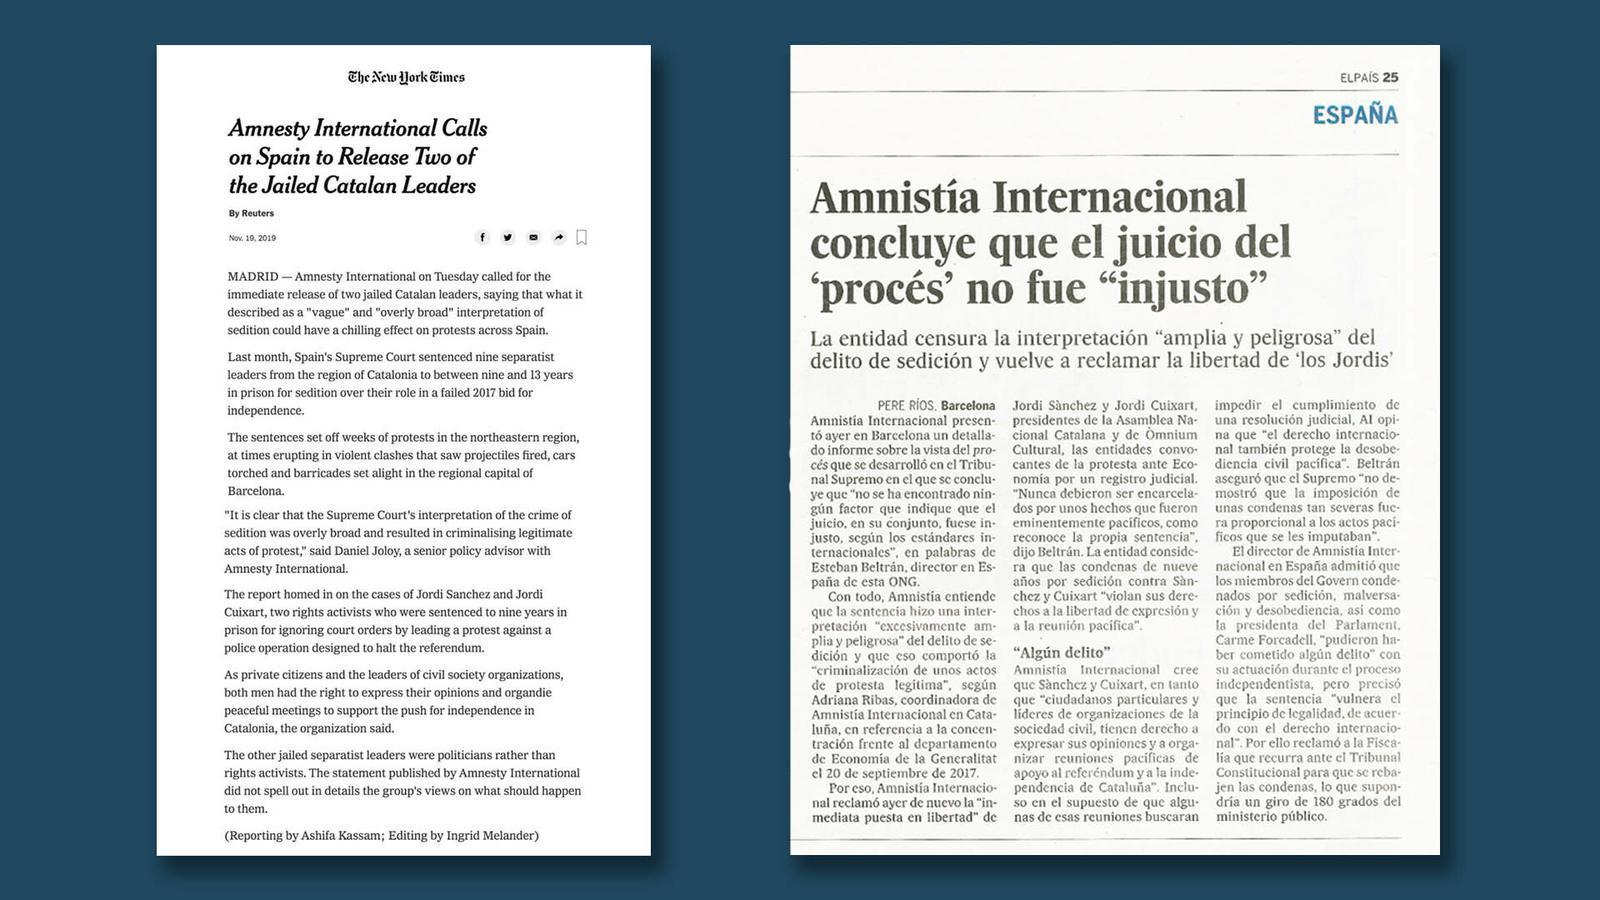 L'anàlisi d'Antoni Bassas: 'Si la condemna és injusta, ¿va ser un judici just?'